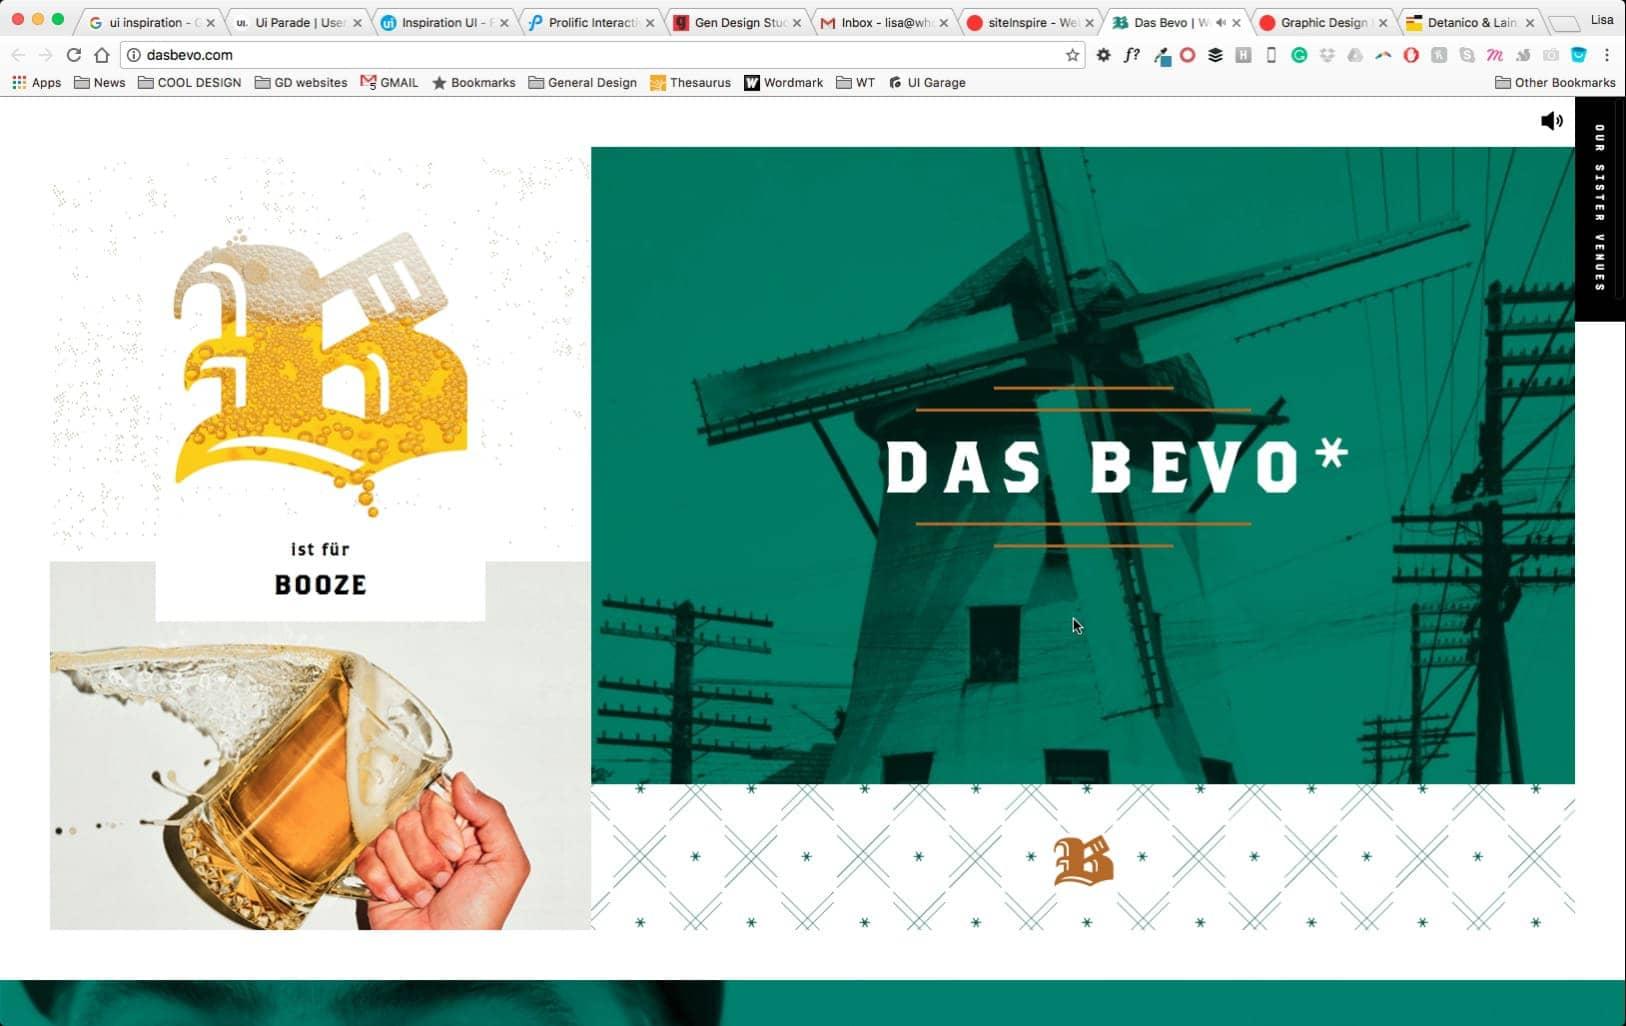 Web Design by Das Bevo from UIGarage